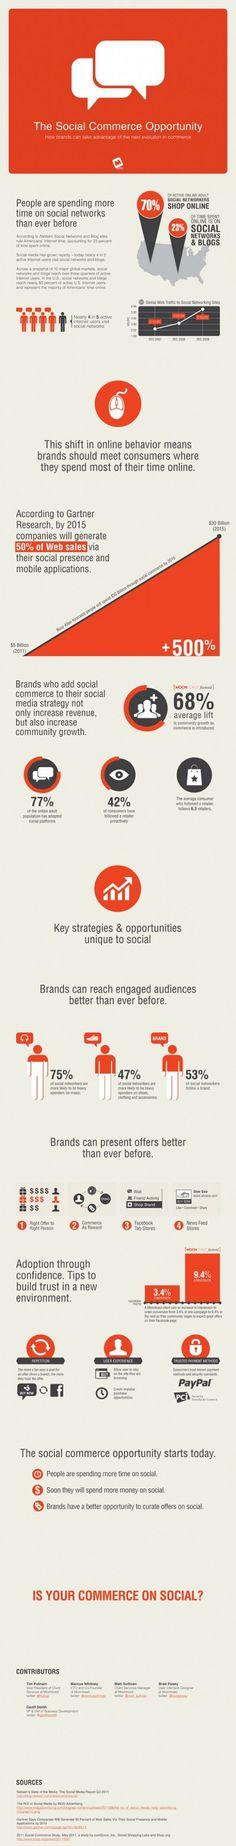 Quante opportunità nel social commerce?